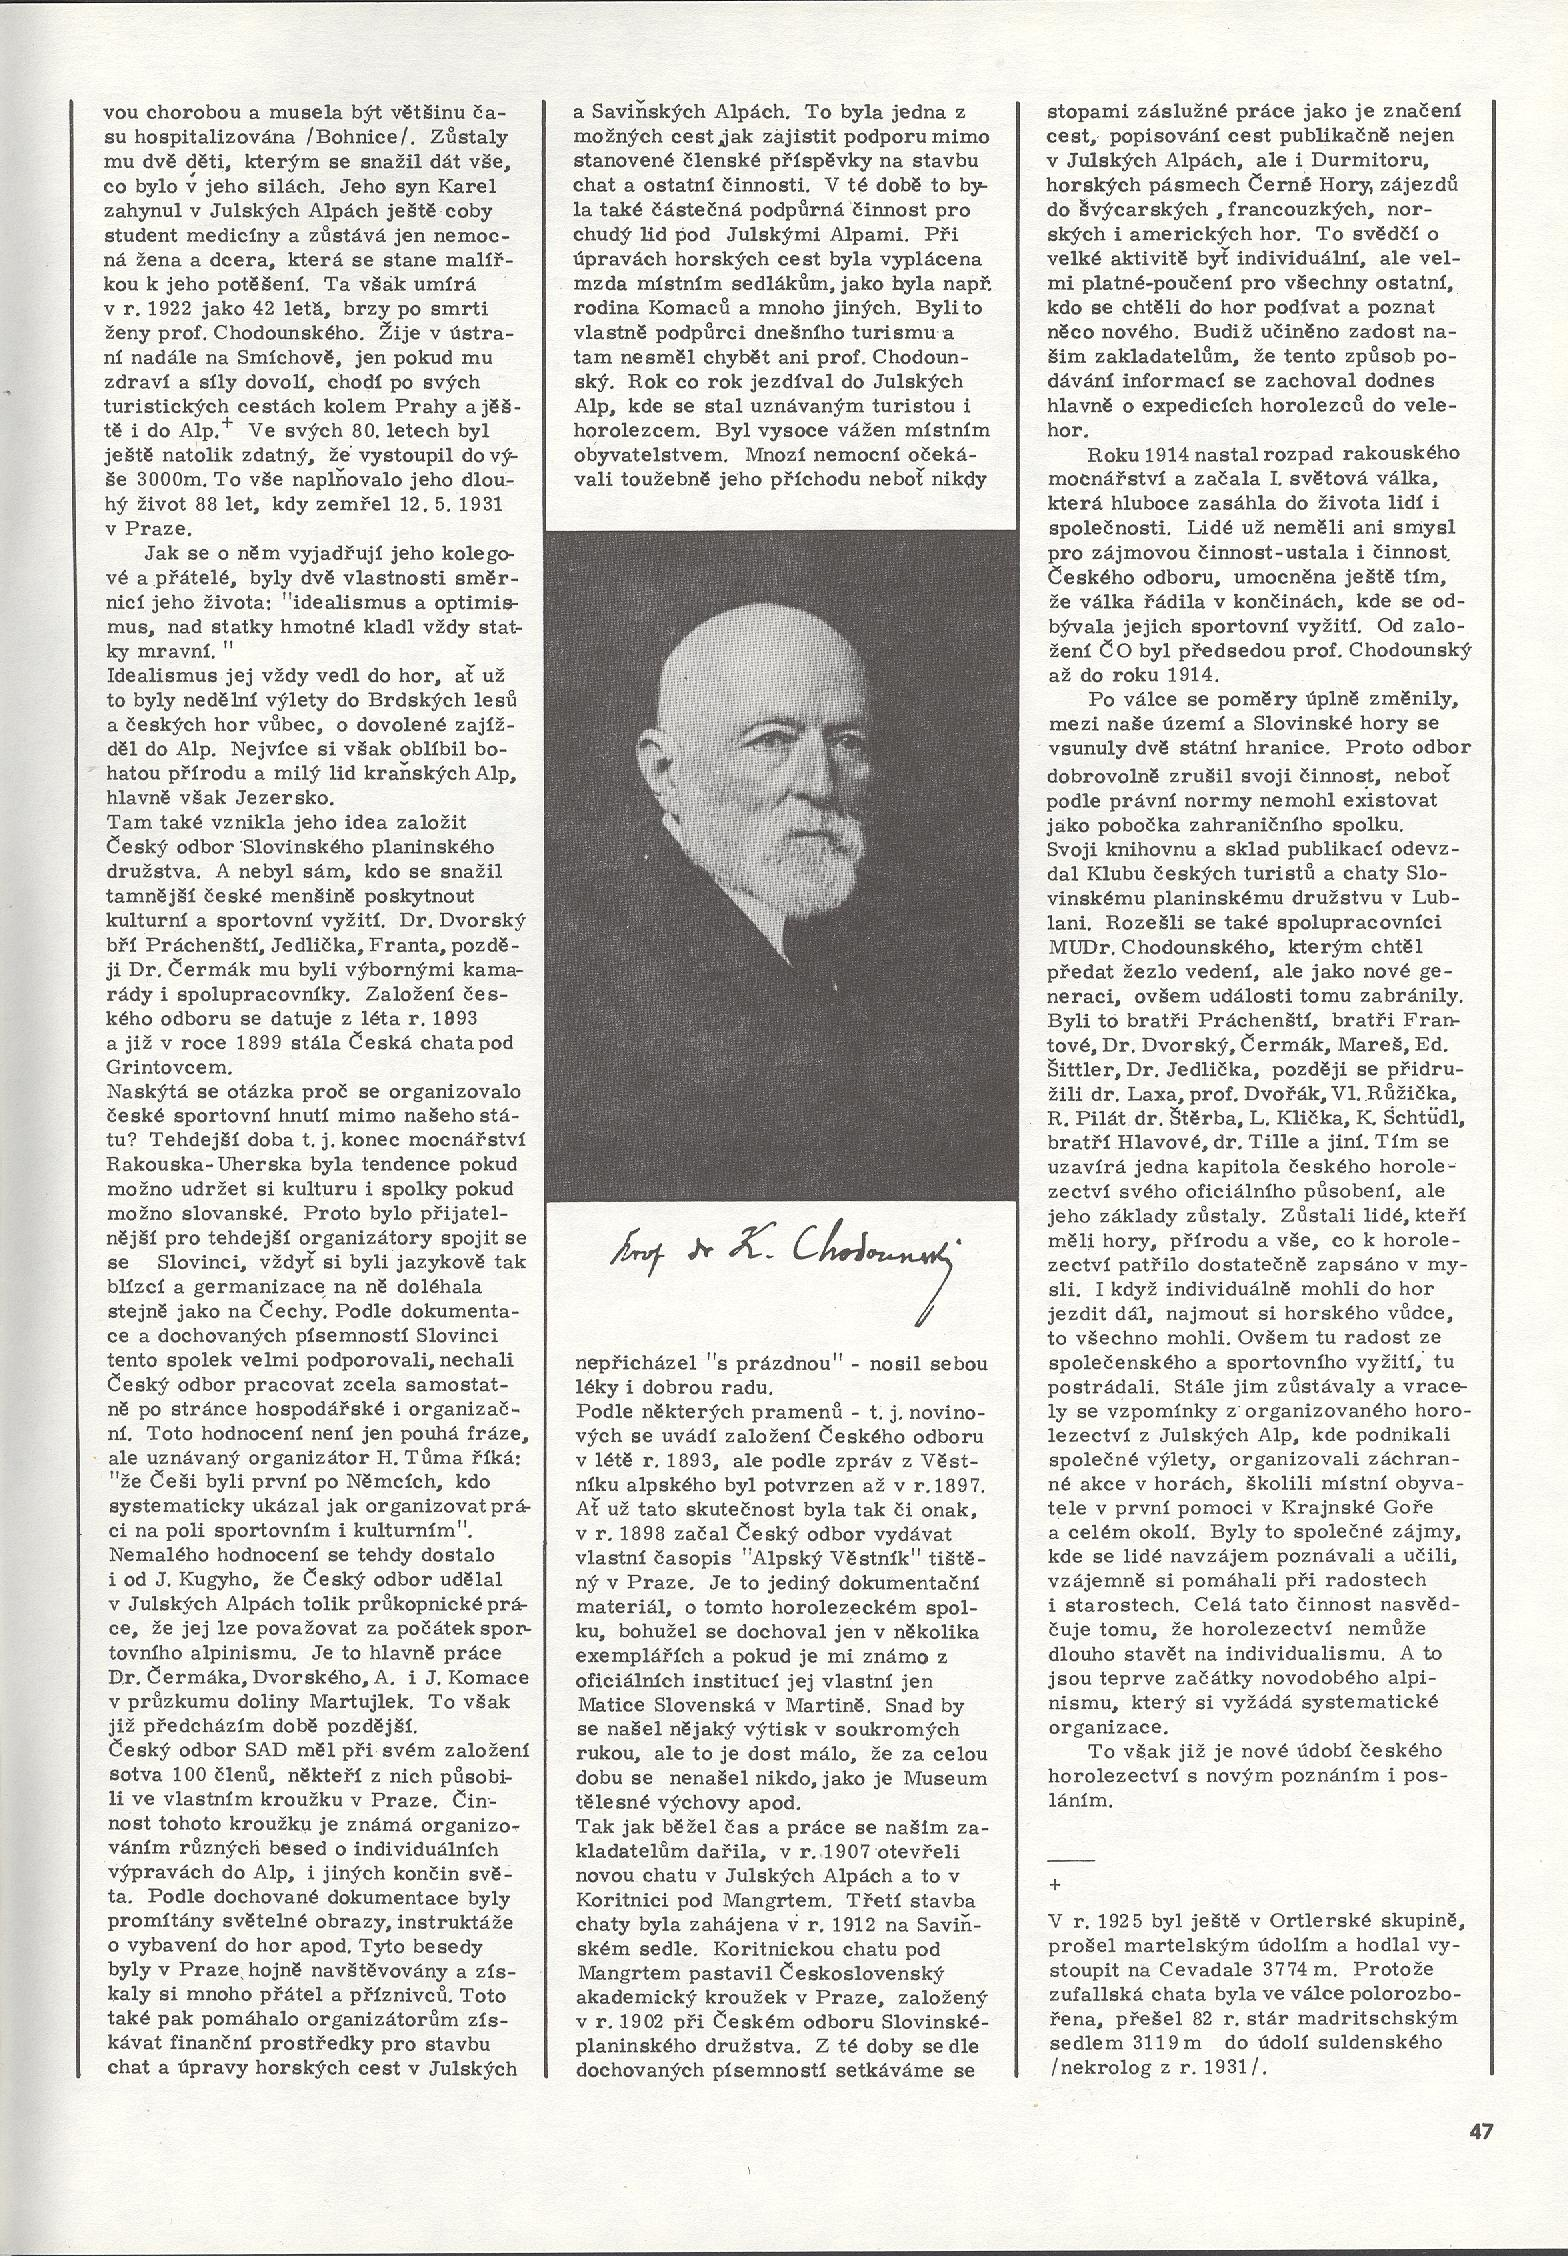 článek Hory 16 - 3